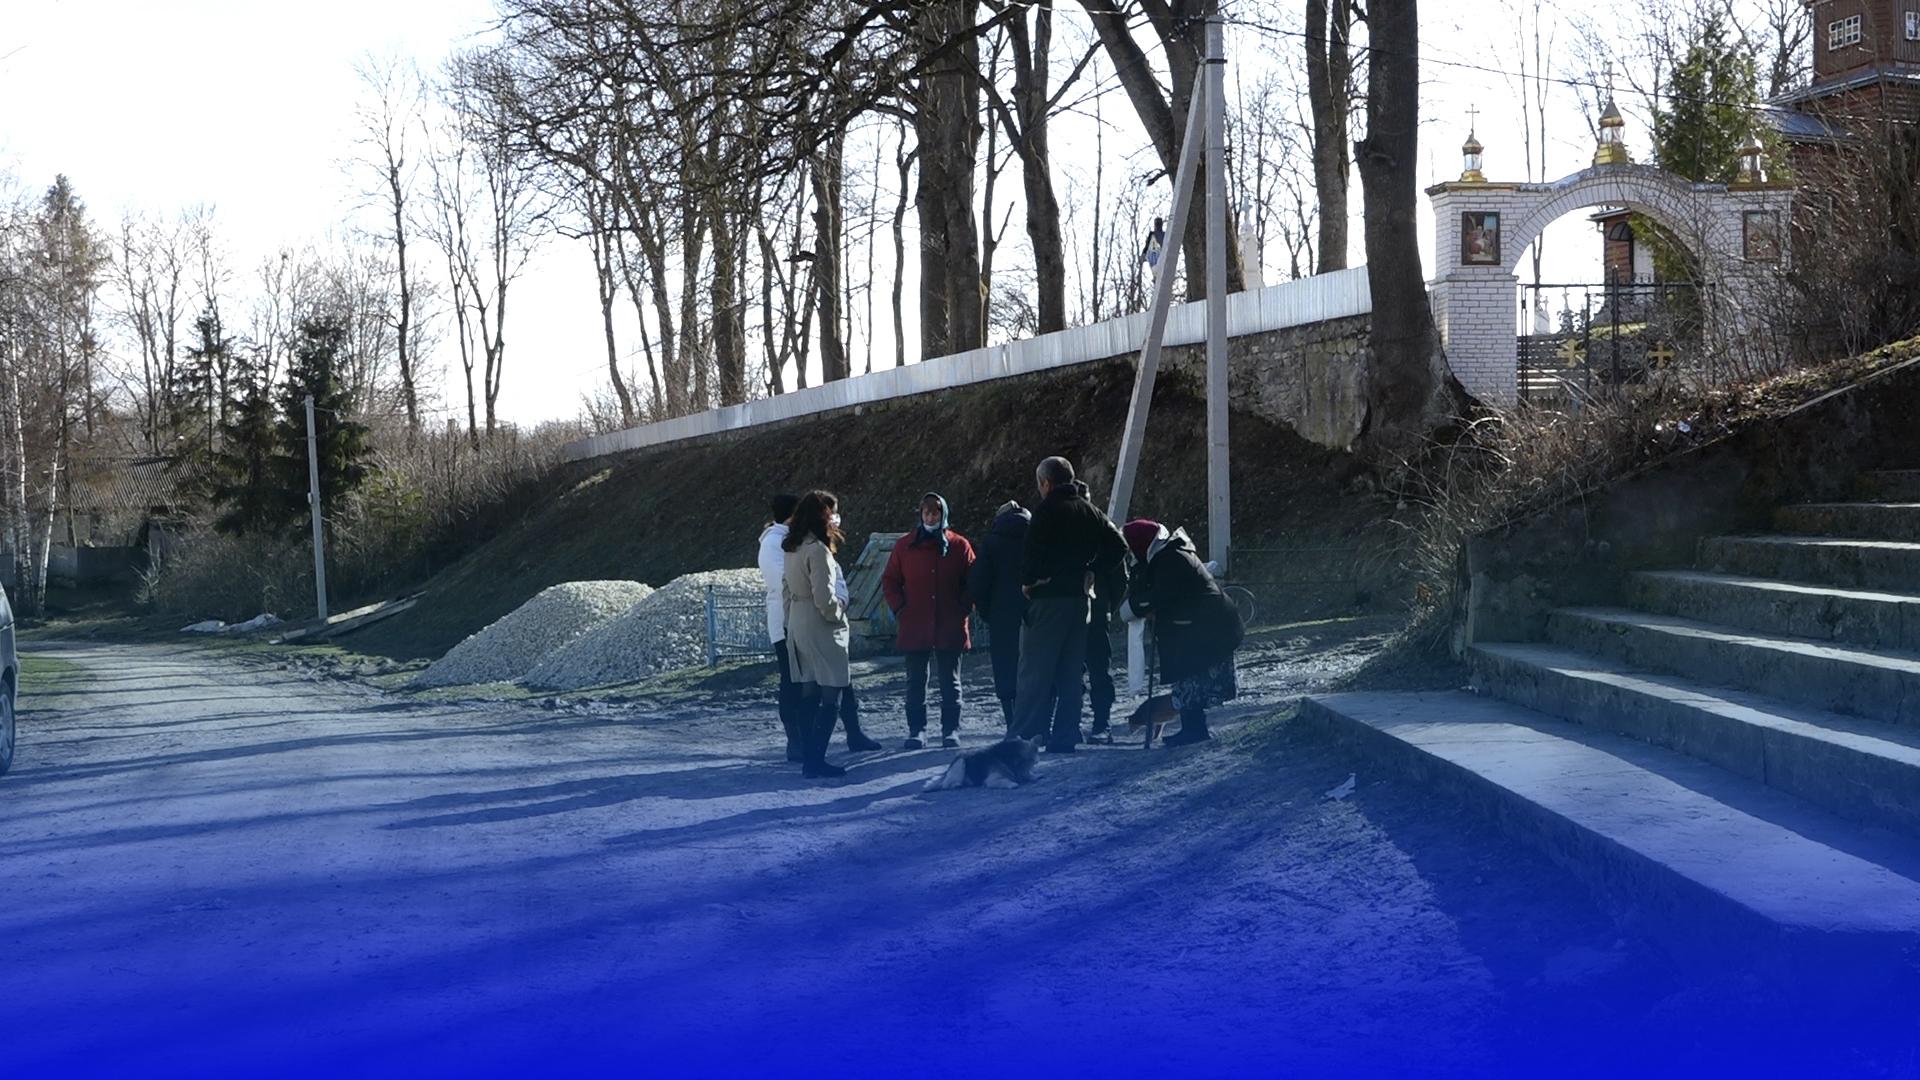 Відрізані від світу: до села Чеснівський Раковець вже декілька місяців не їздить рейсовий автобус